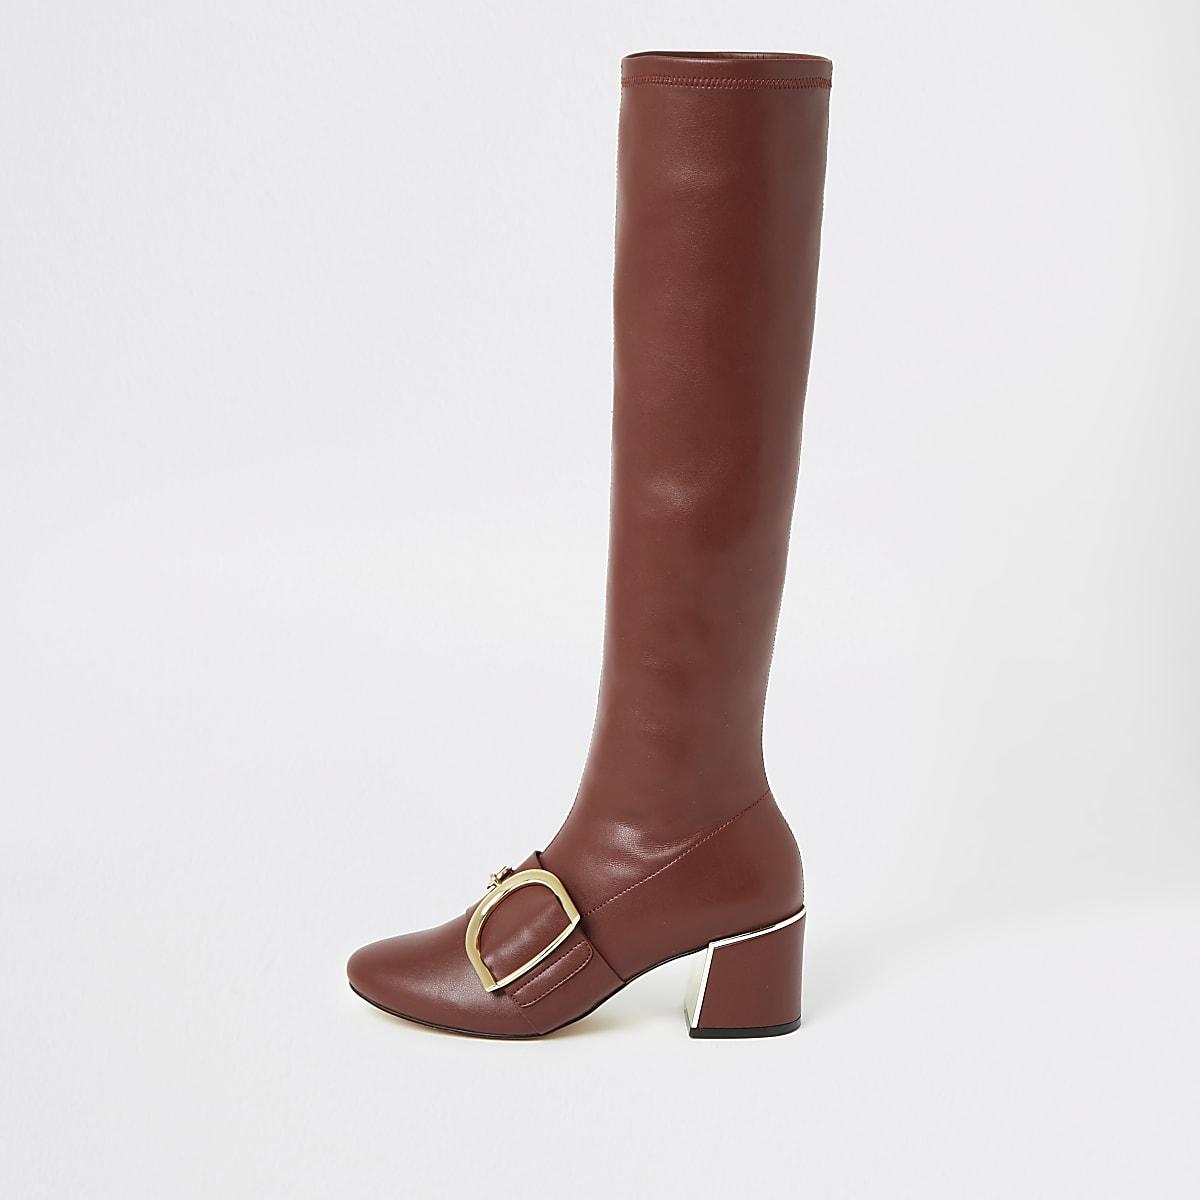 Wijnrode kniehoge laarzen met gesp